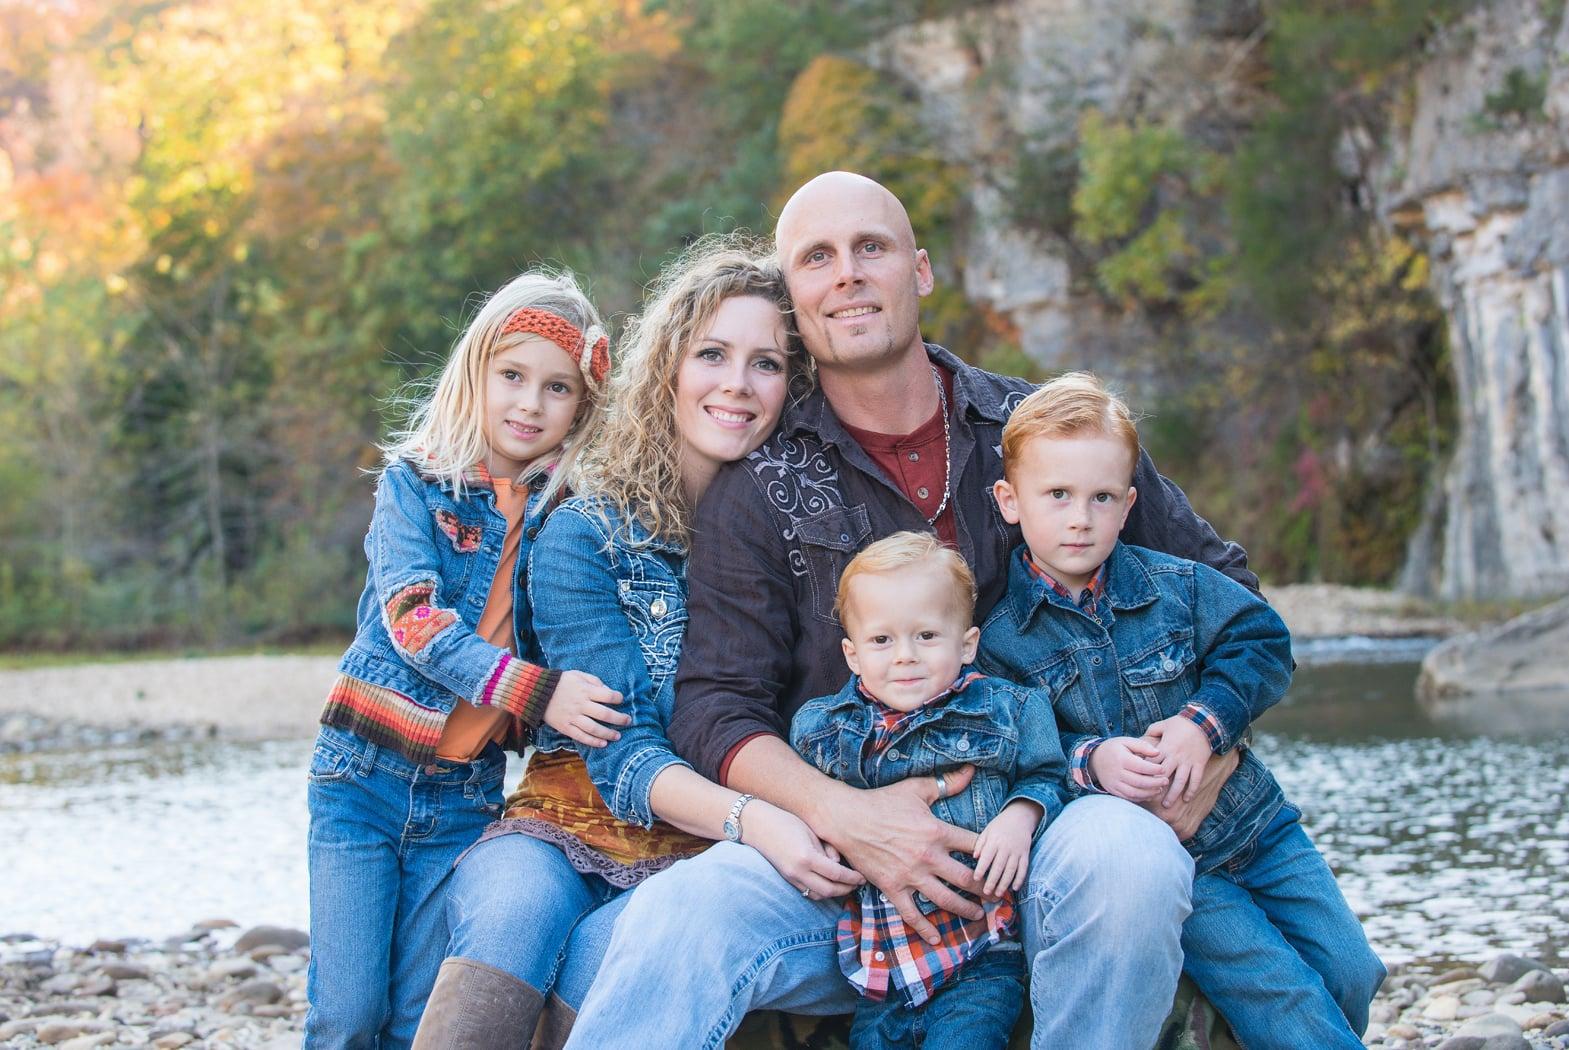 family of 5 near Buffalo River